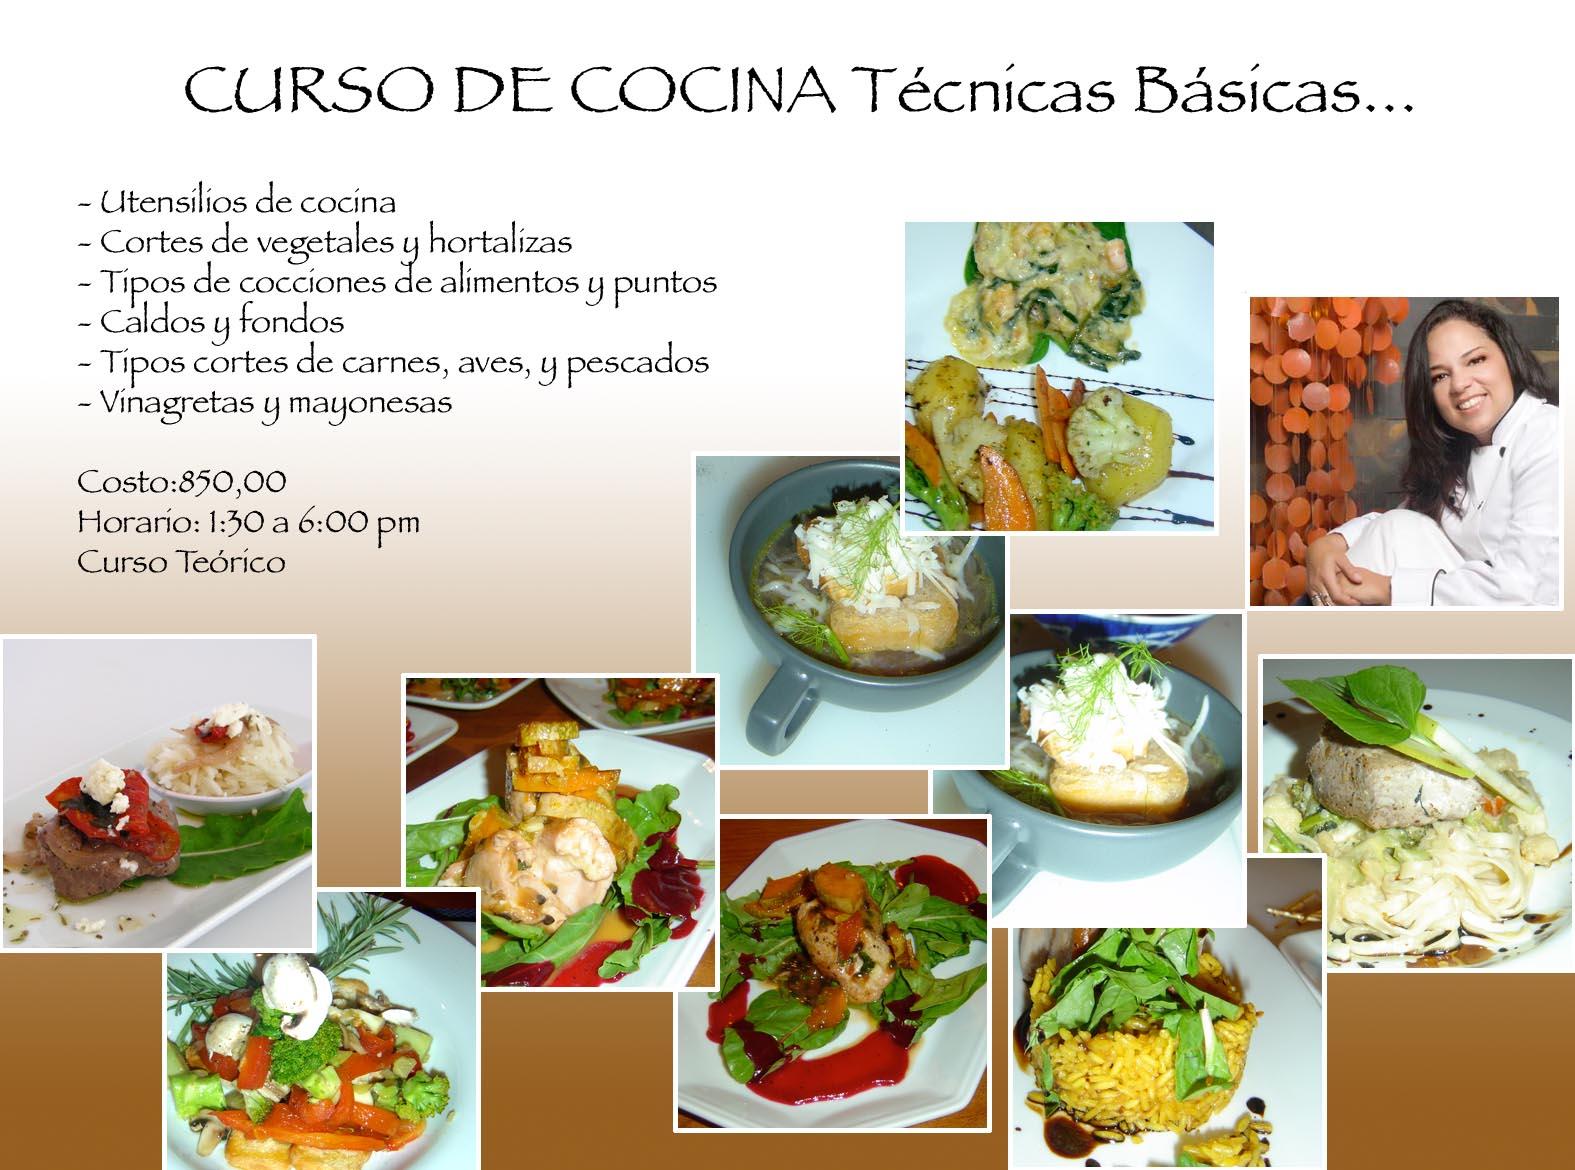 Hermoso Curso De Cocina En Tenerife Fotos Curso De Cocina Curso